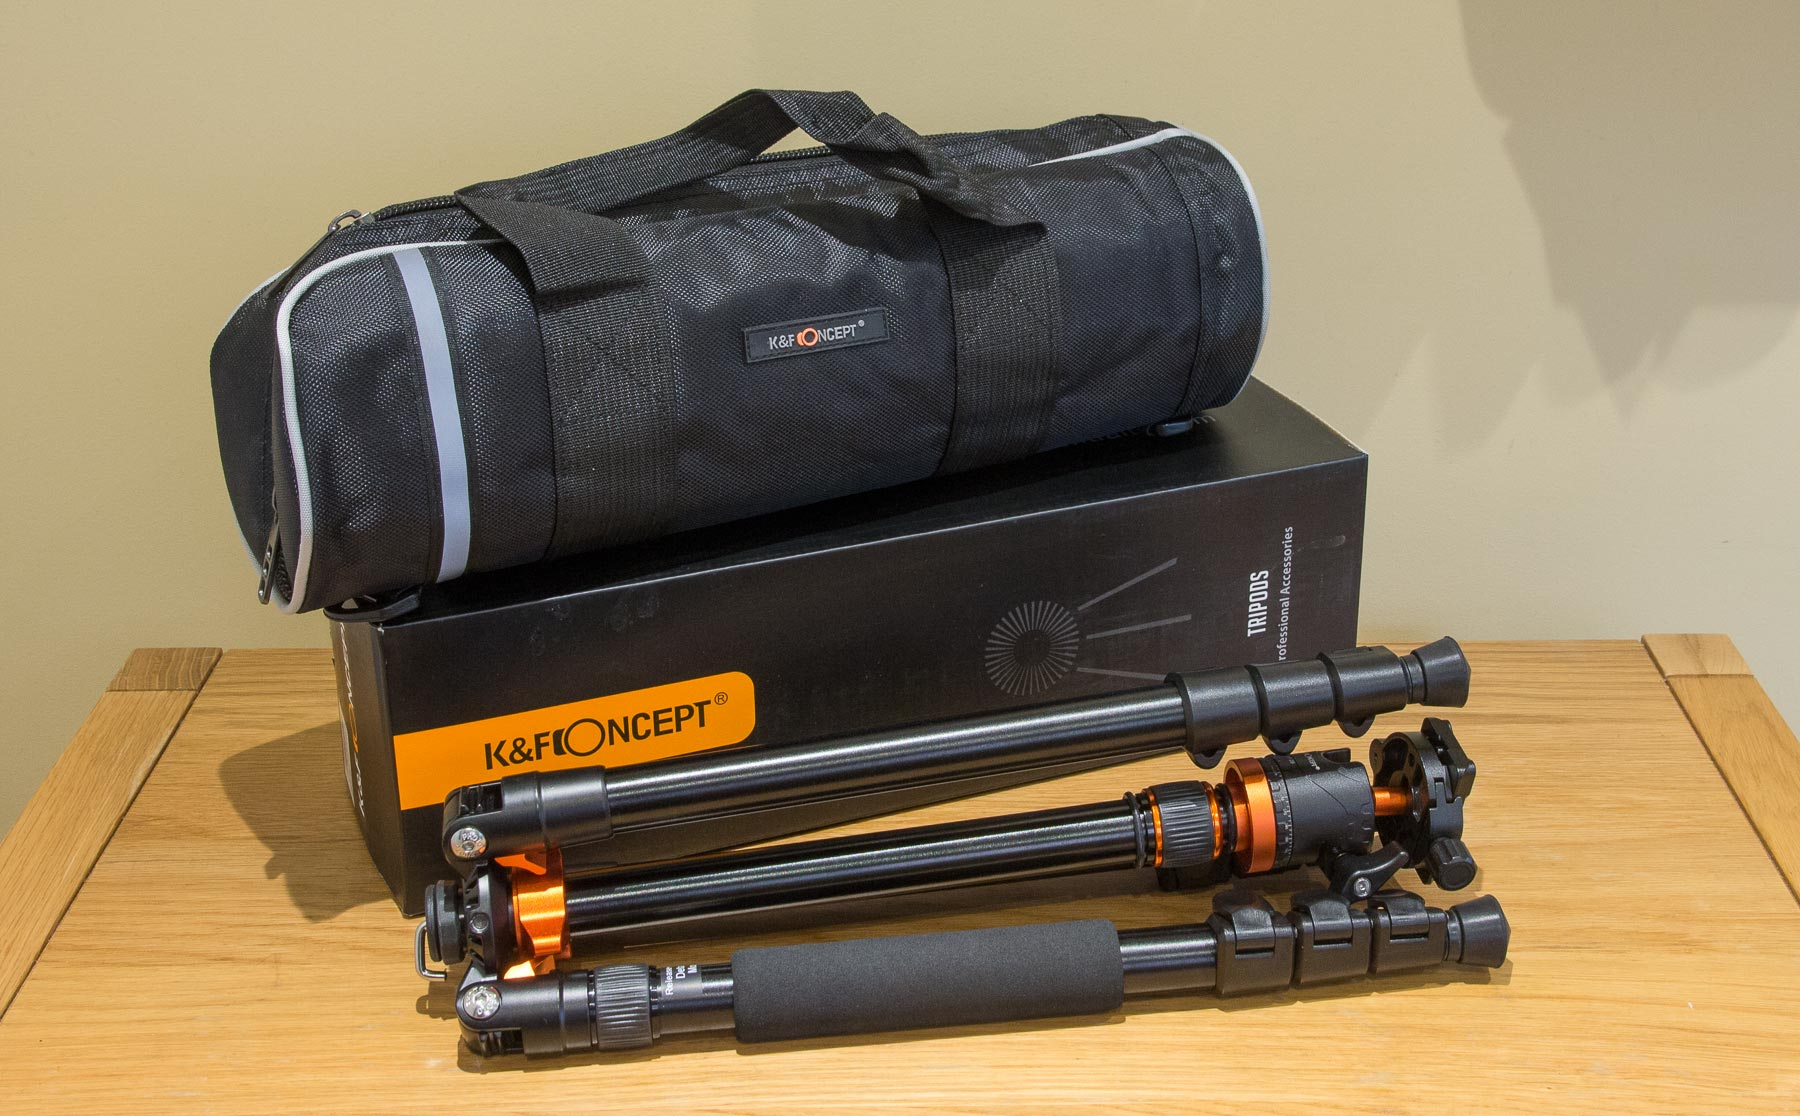 SA254T1-tripod-and-bag